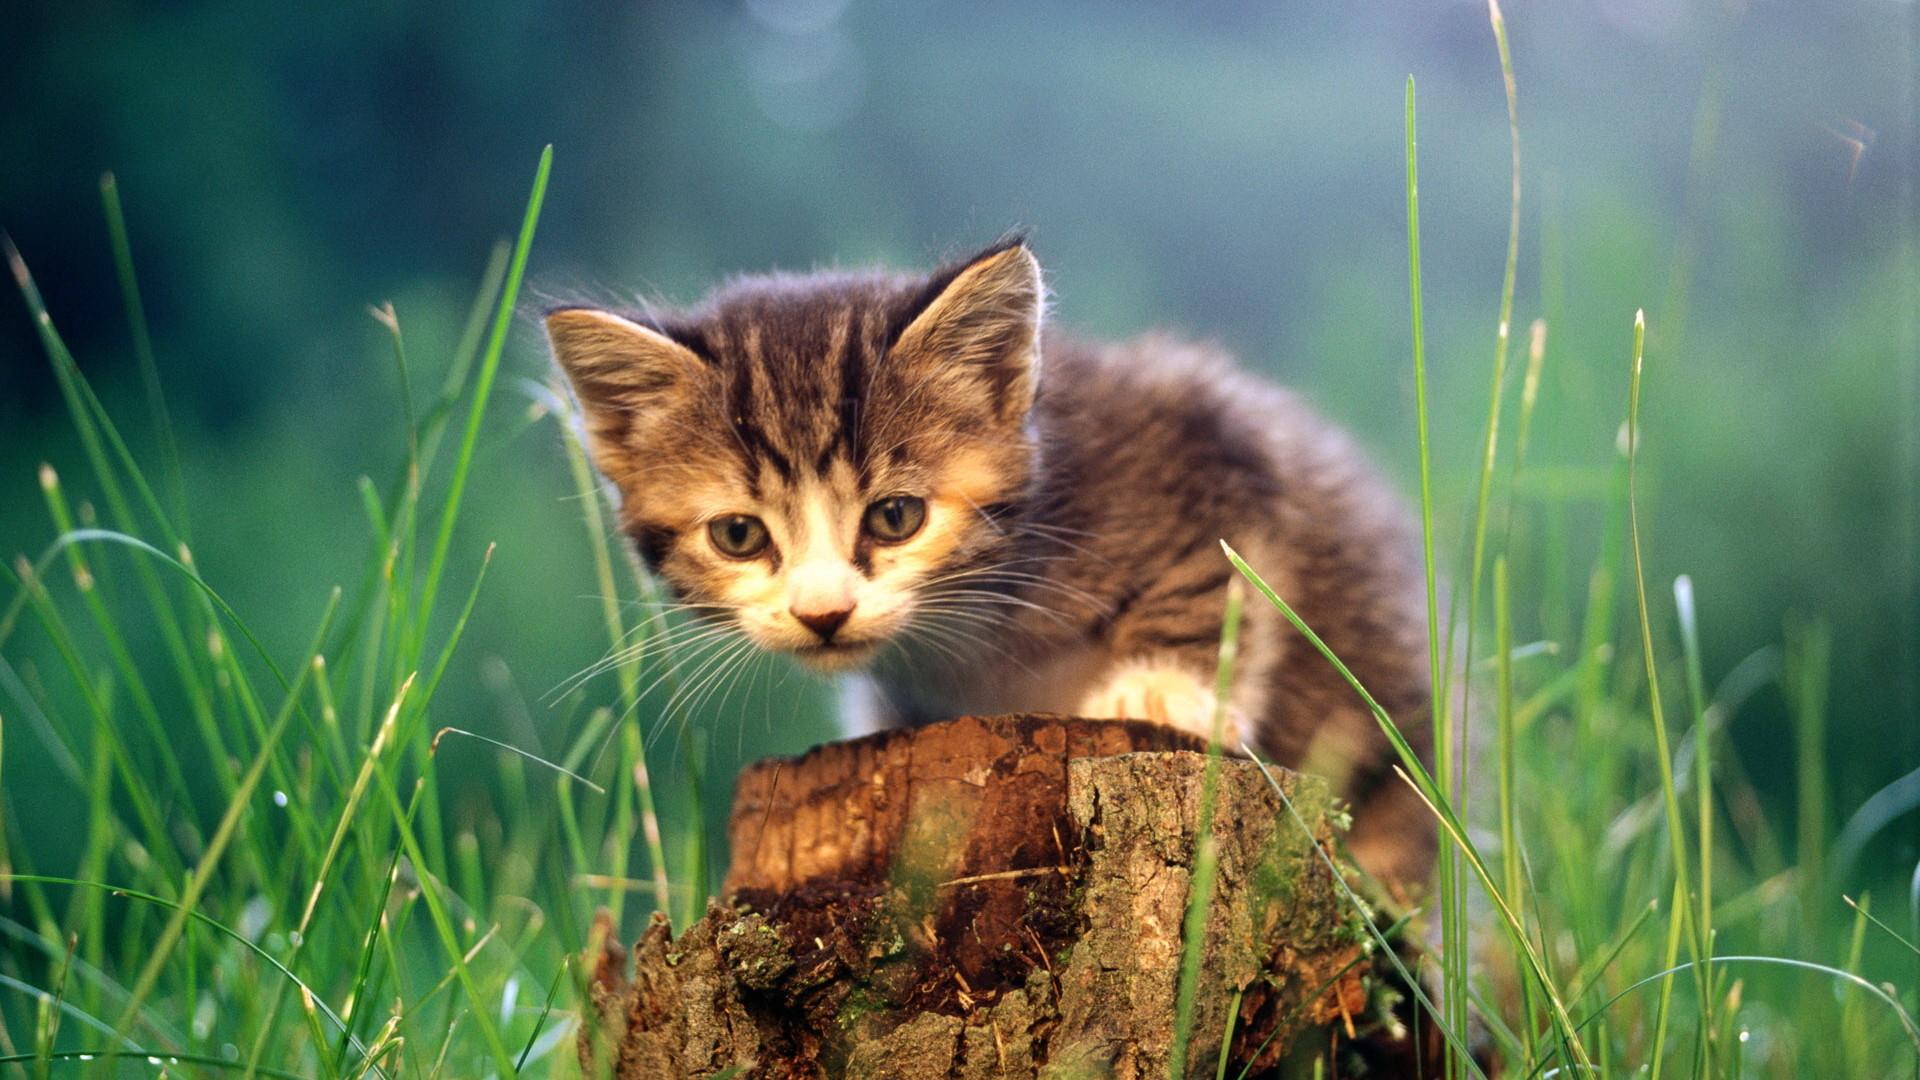 cats animals grass kittens – Wallpaper (#635650) / Wallbase.cc